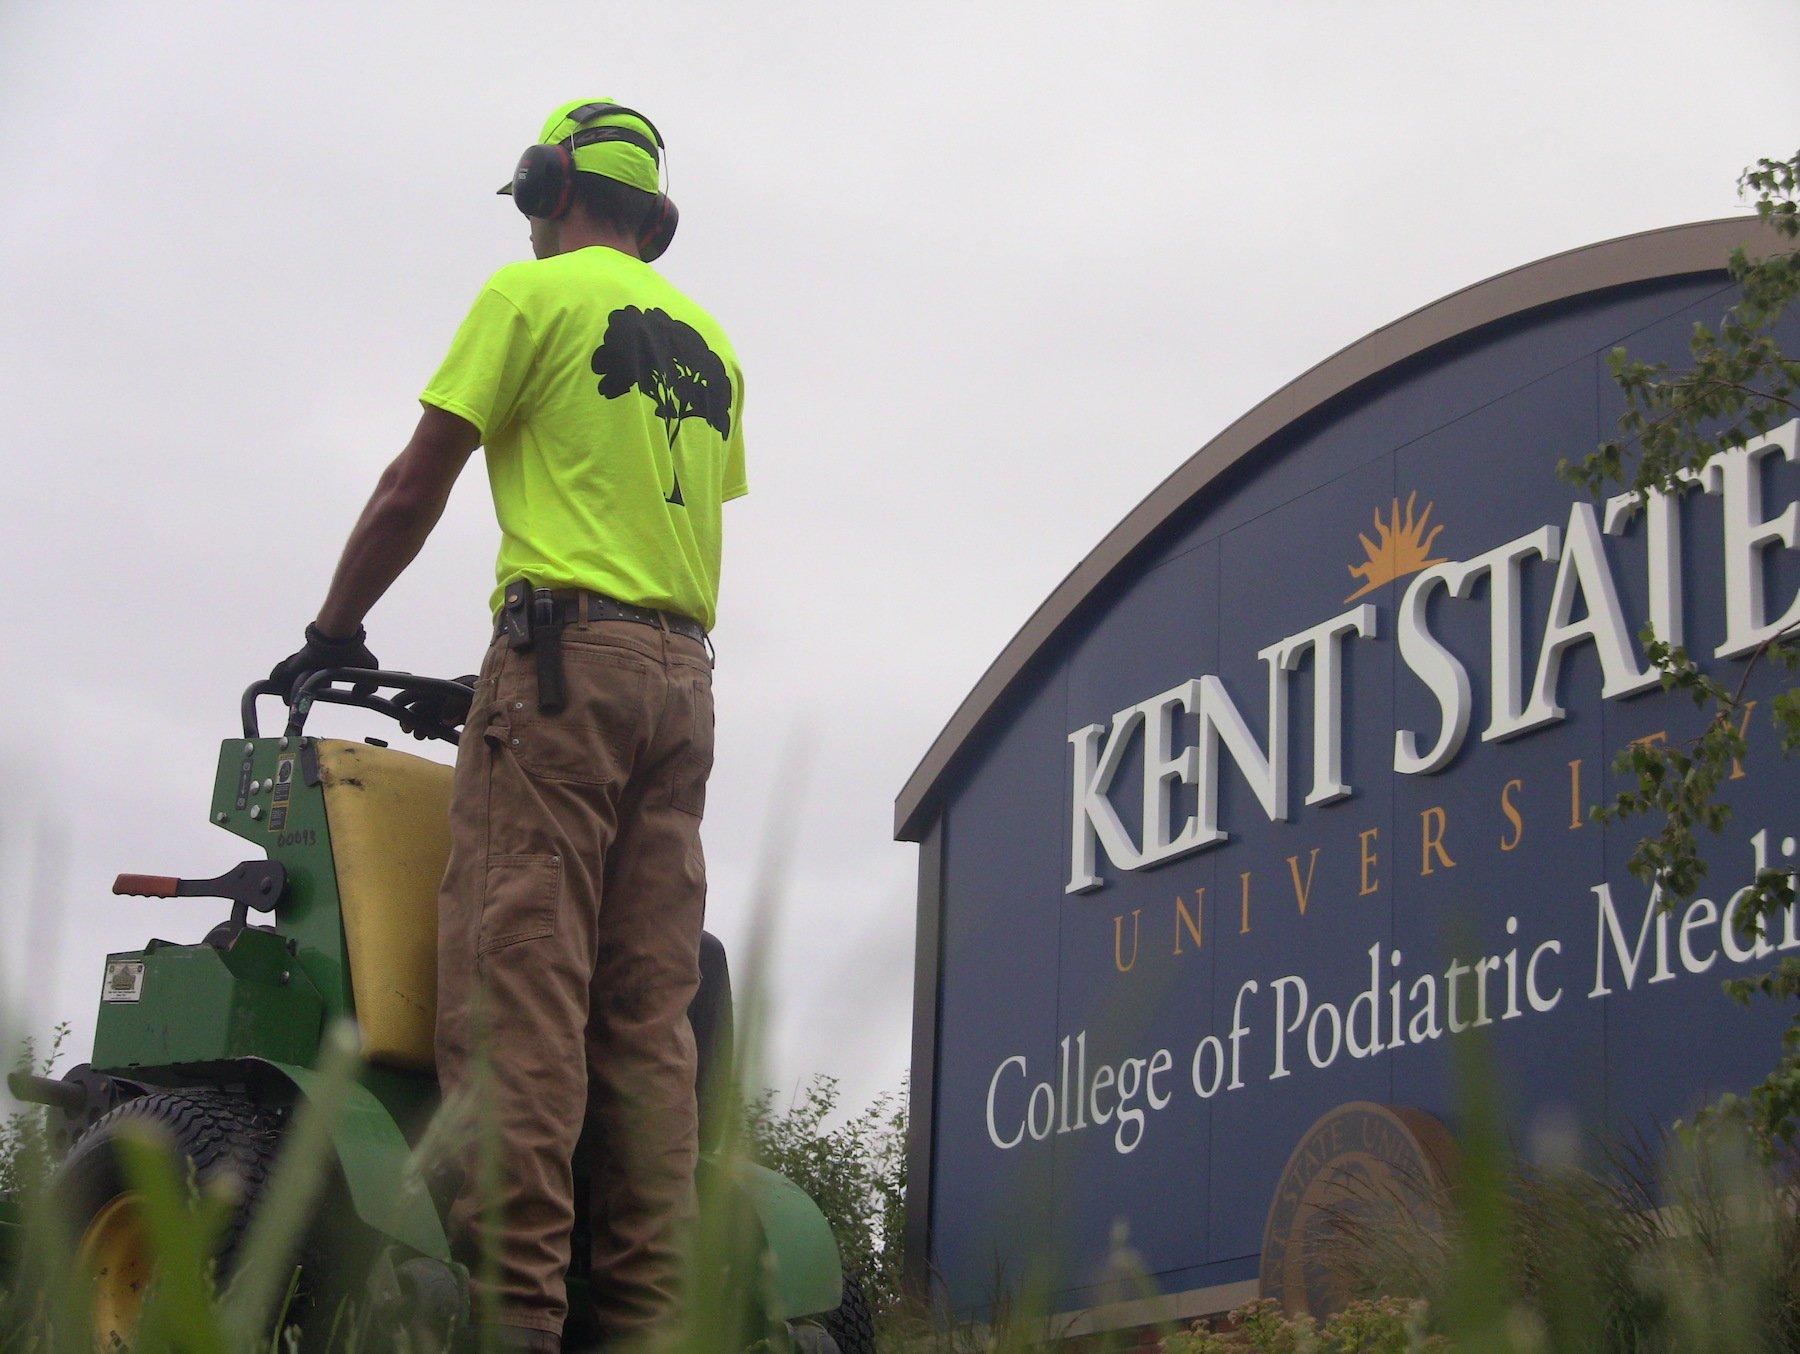 crew-mowing-signage-campus-college-university-2